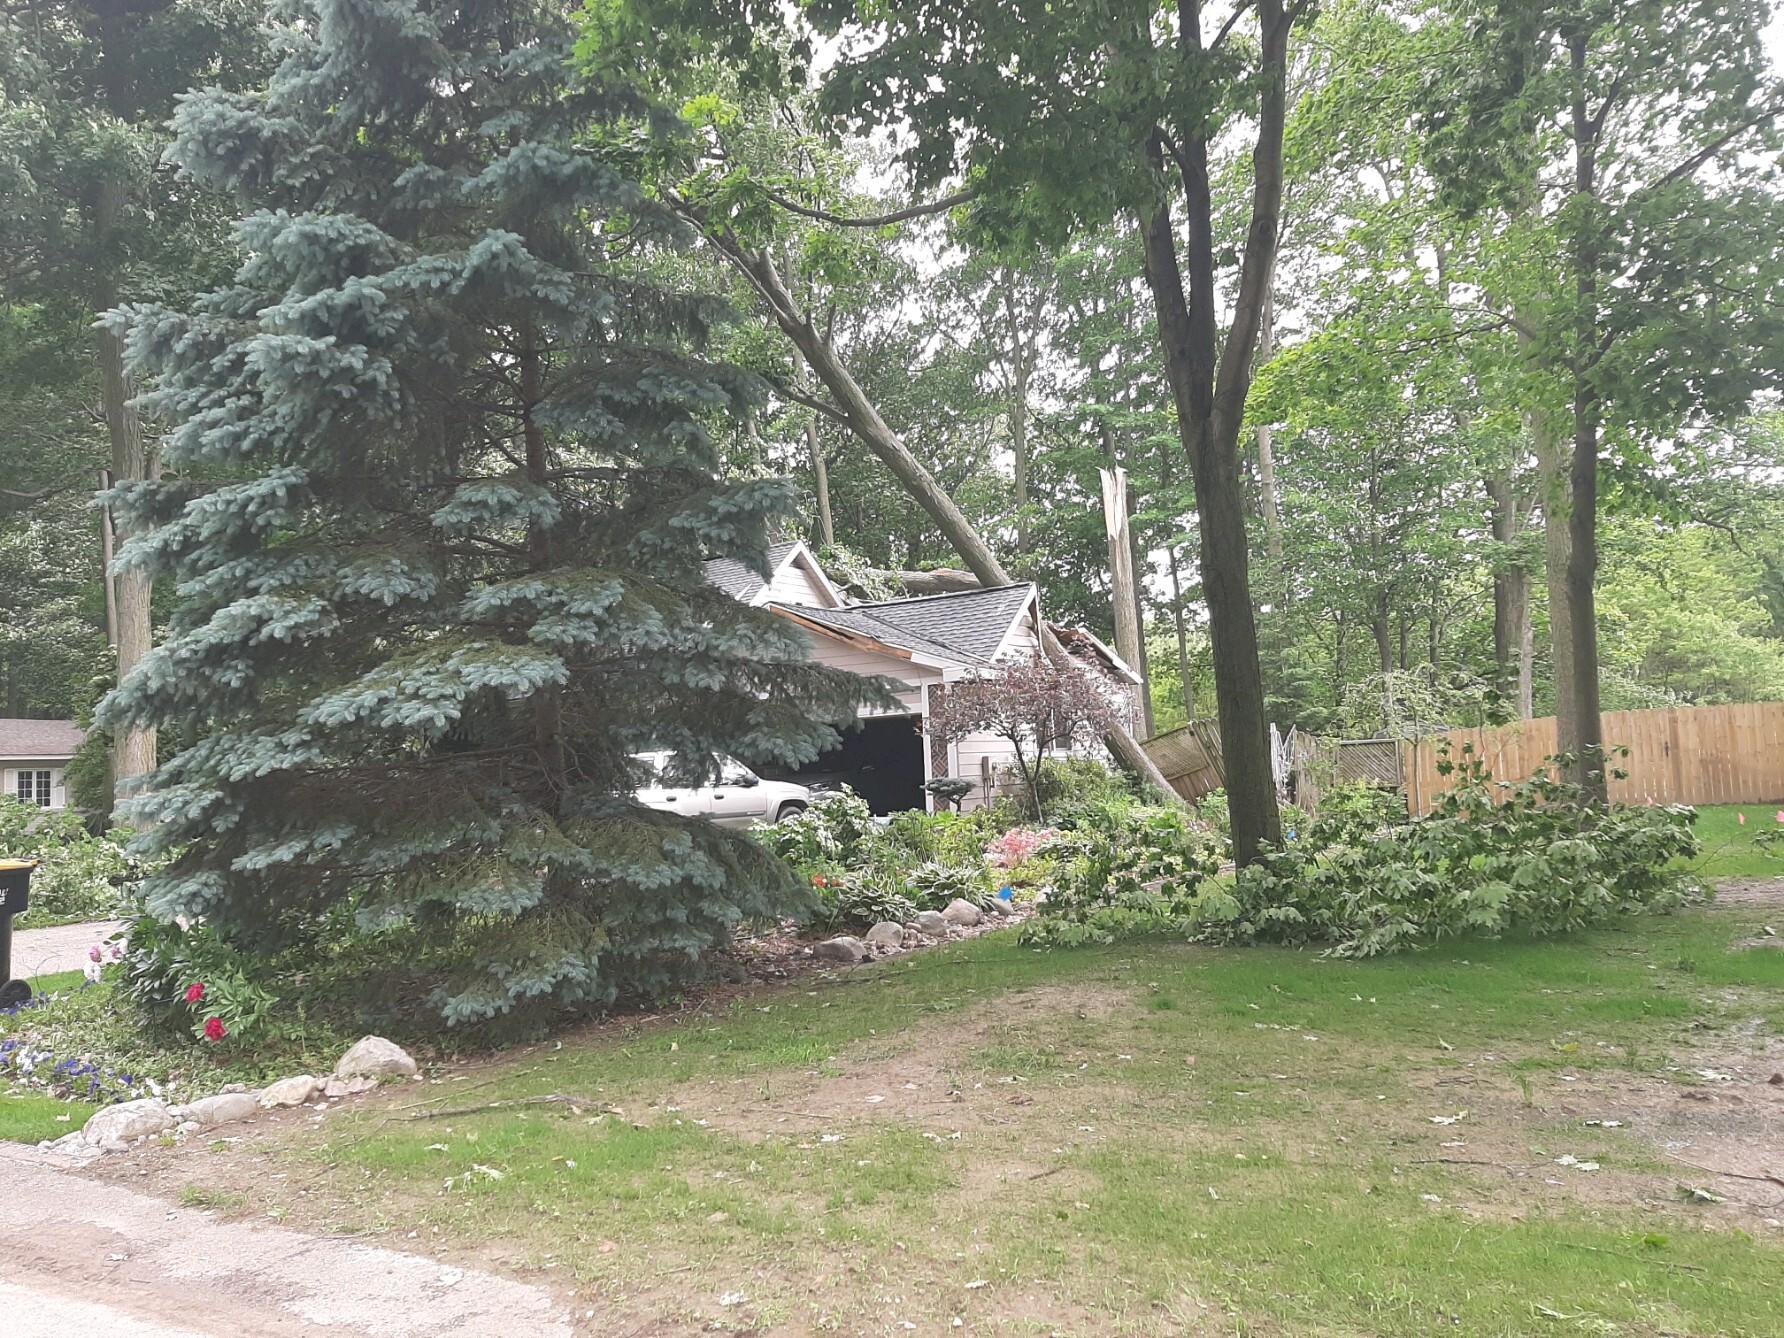 Gerogetown township storm damagen 7.jpg